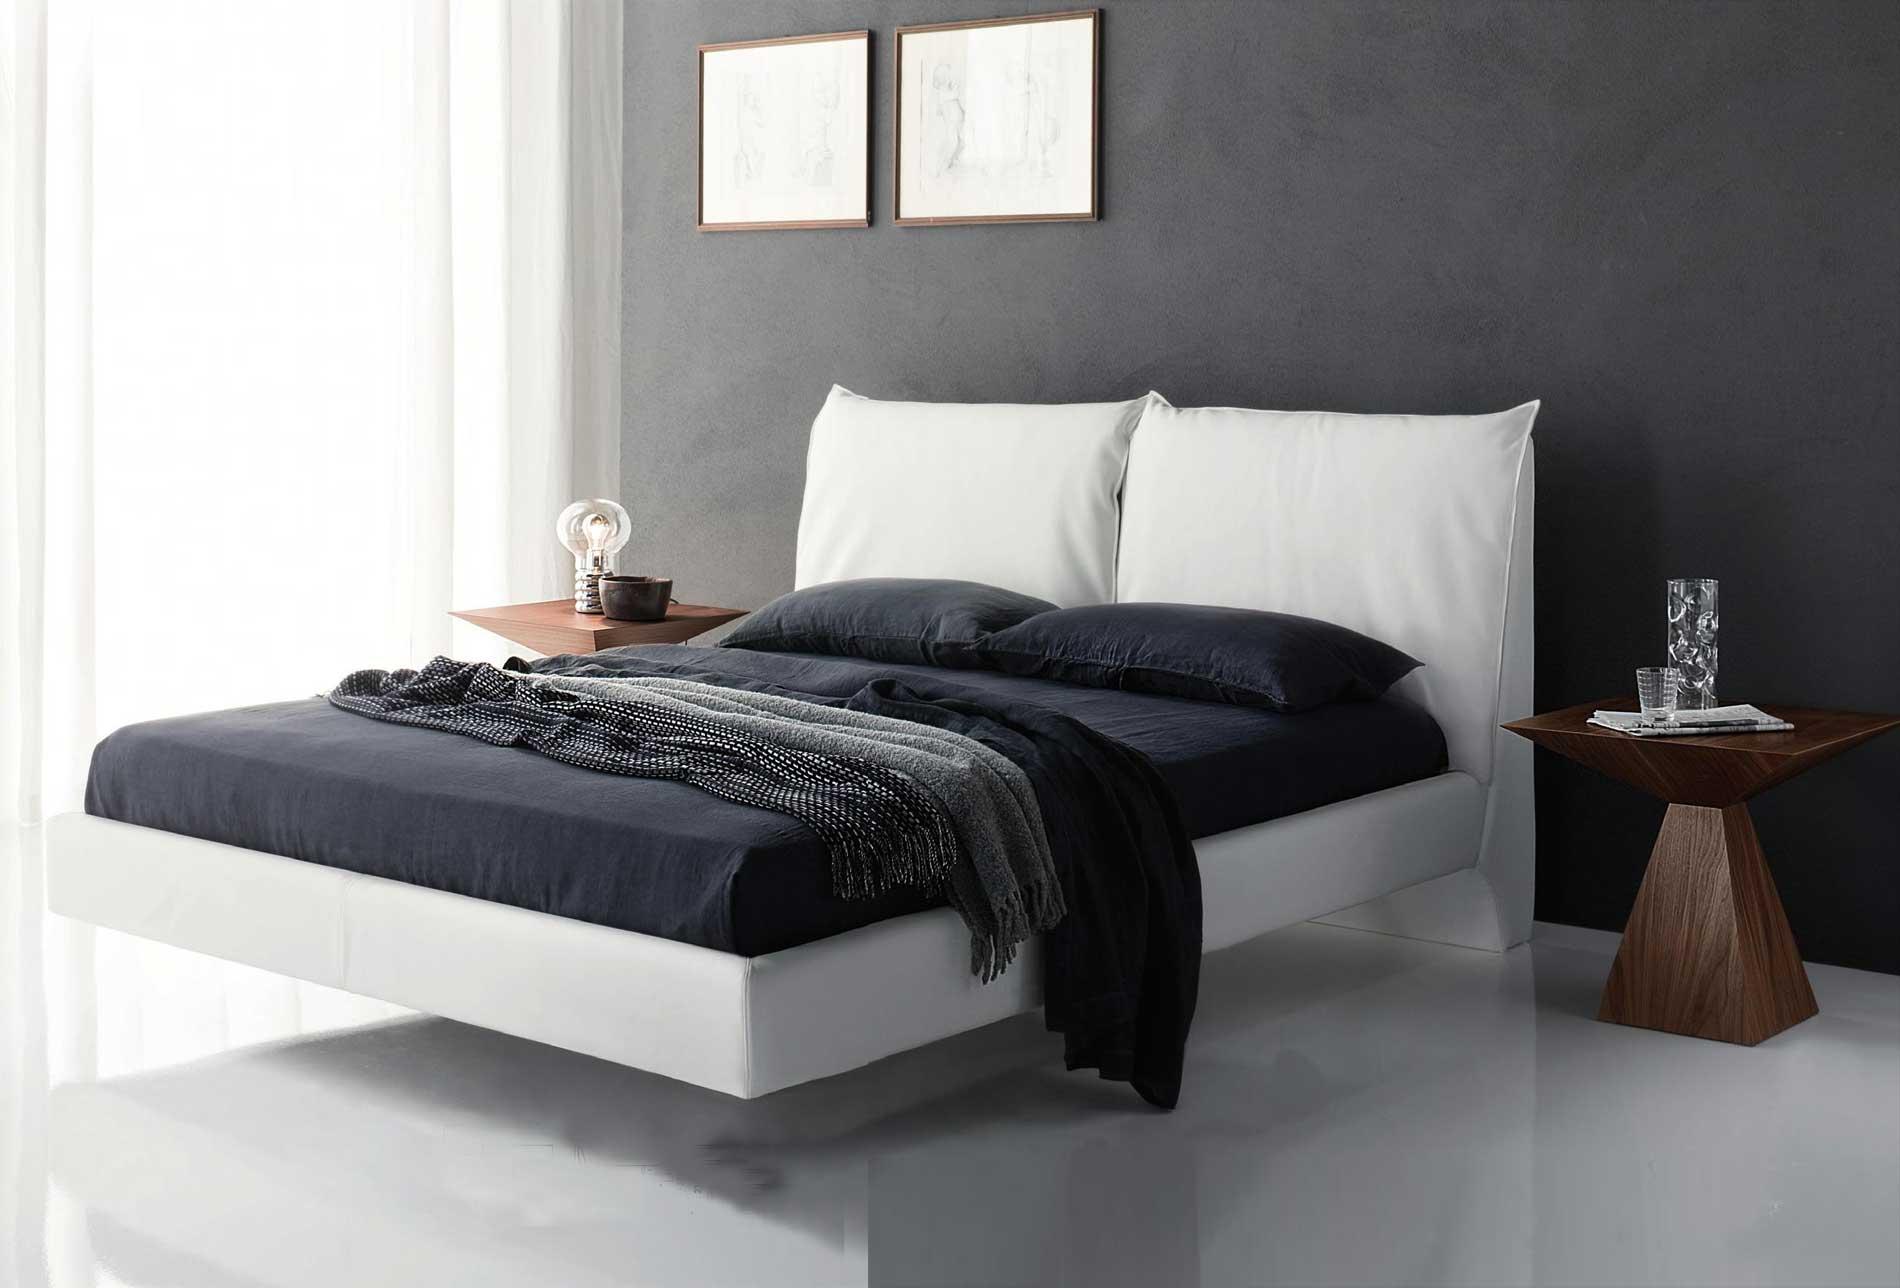 Подвесная кровать в интерьере (21 фото): парящее место для отдыха